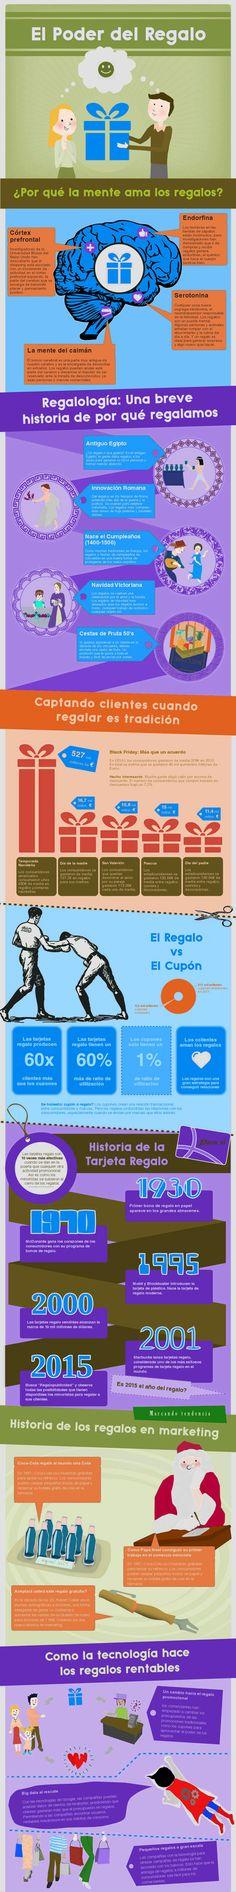 El poder de los regalos infografia                                                                                                                                                                                 Más